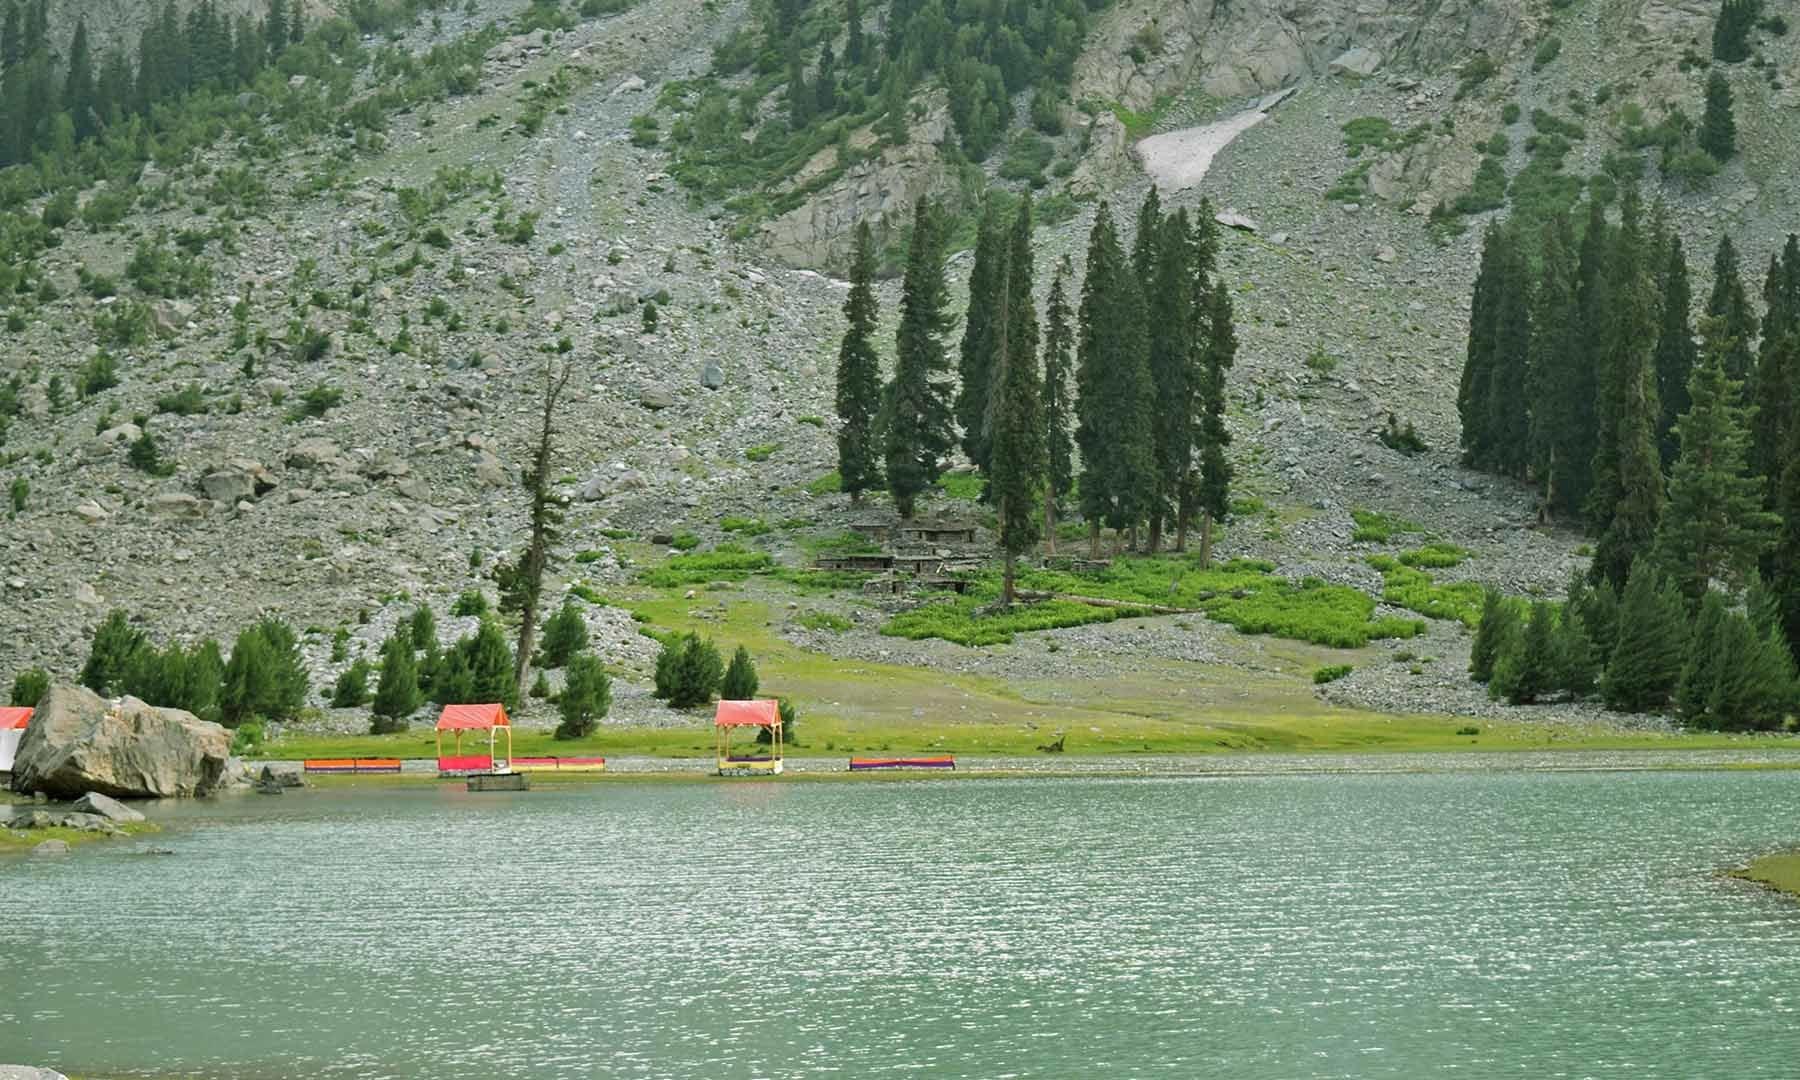 جھیل مہوڈنڈ کا ایک منظر— تصویر امجد علی سحاب